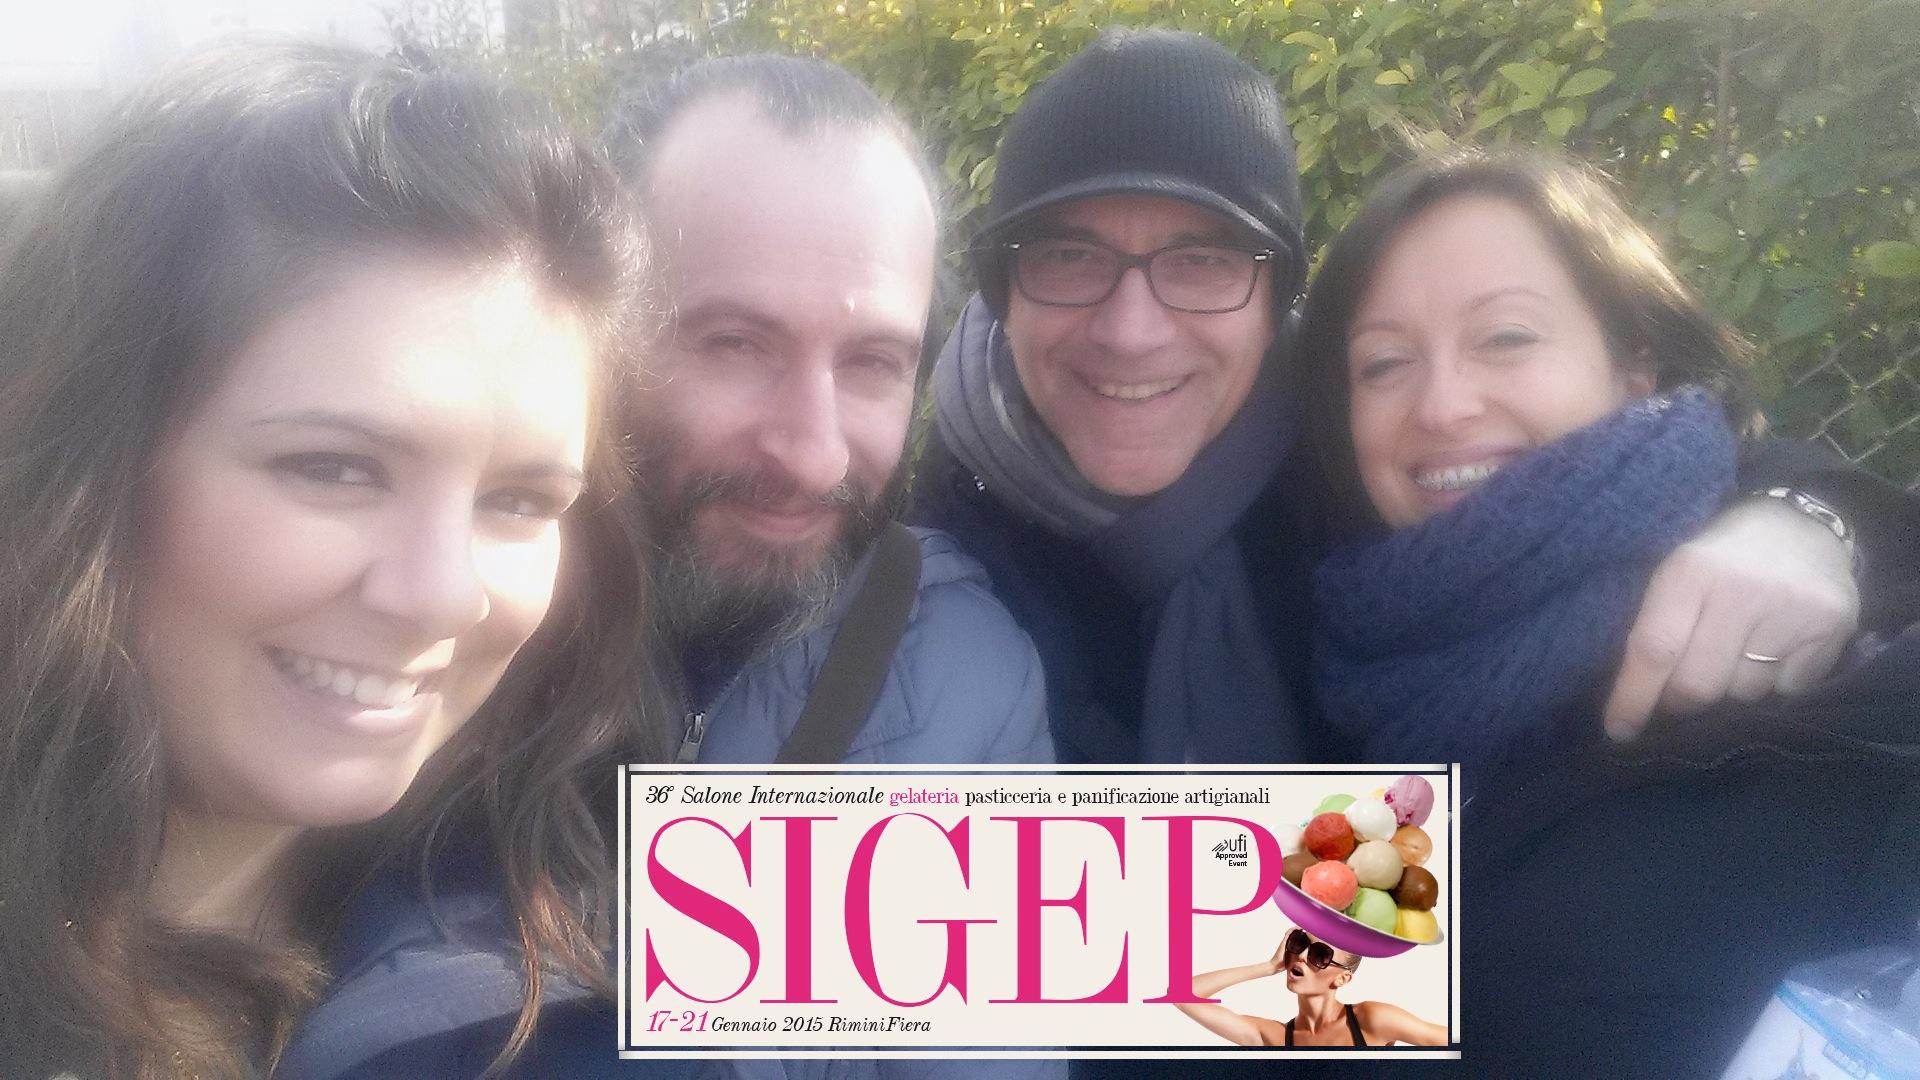 Sigep 2015 a Rimini Fiera tra meraviglie golose ed ospiti internazionali